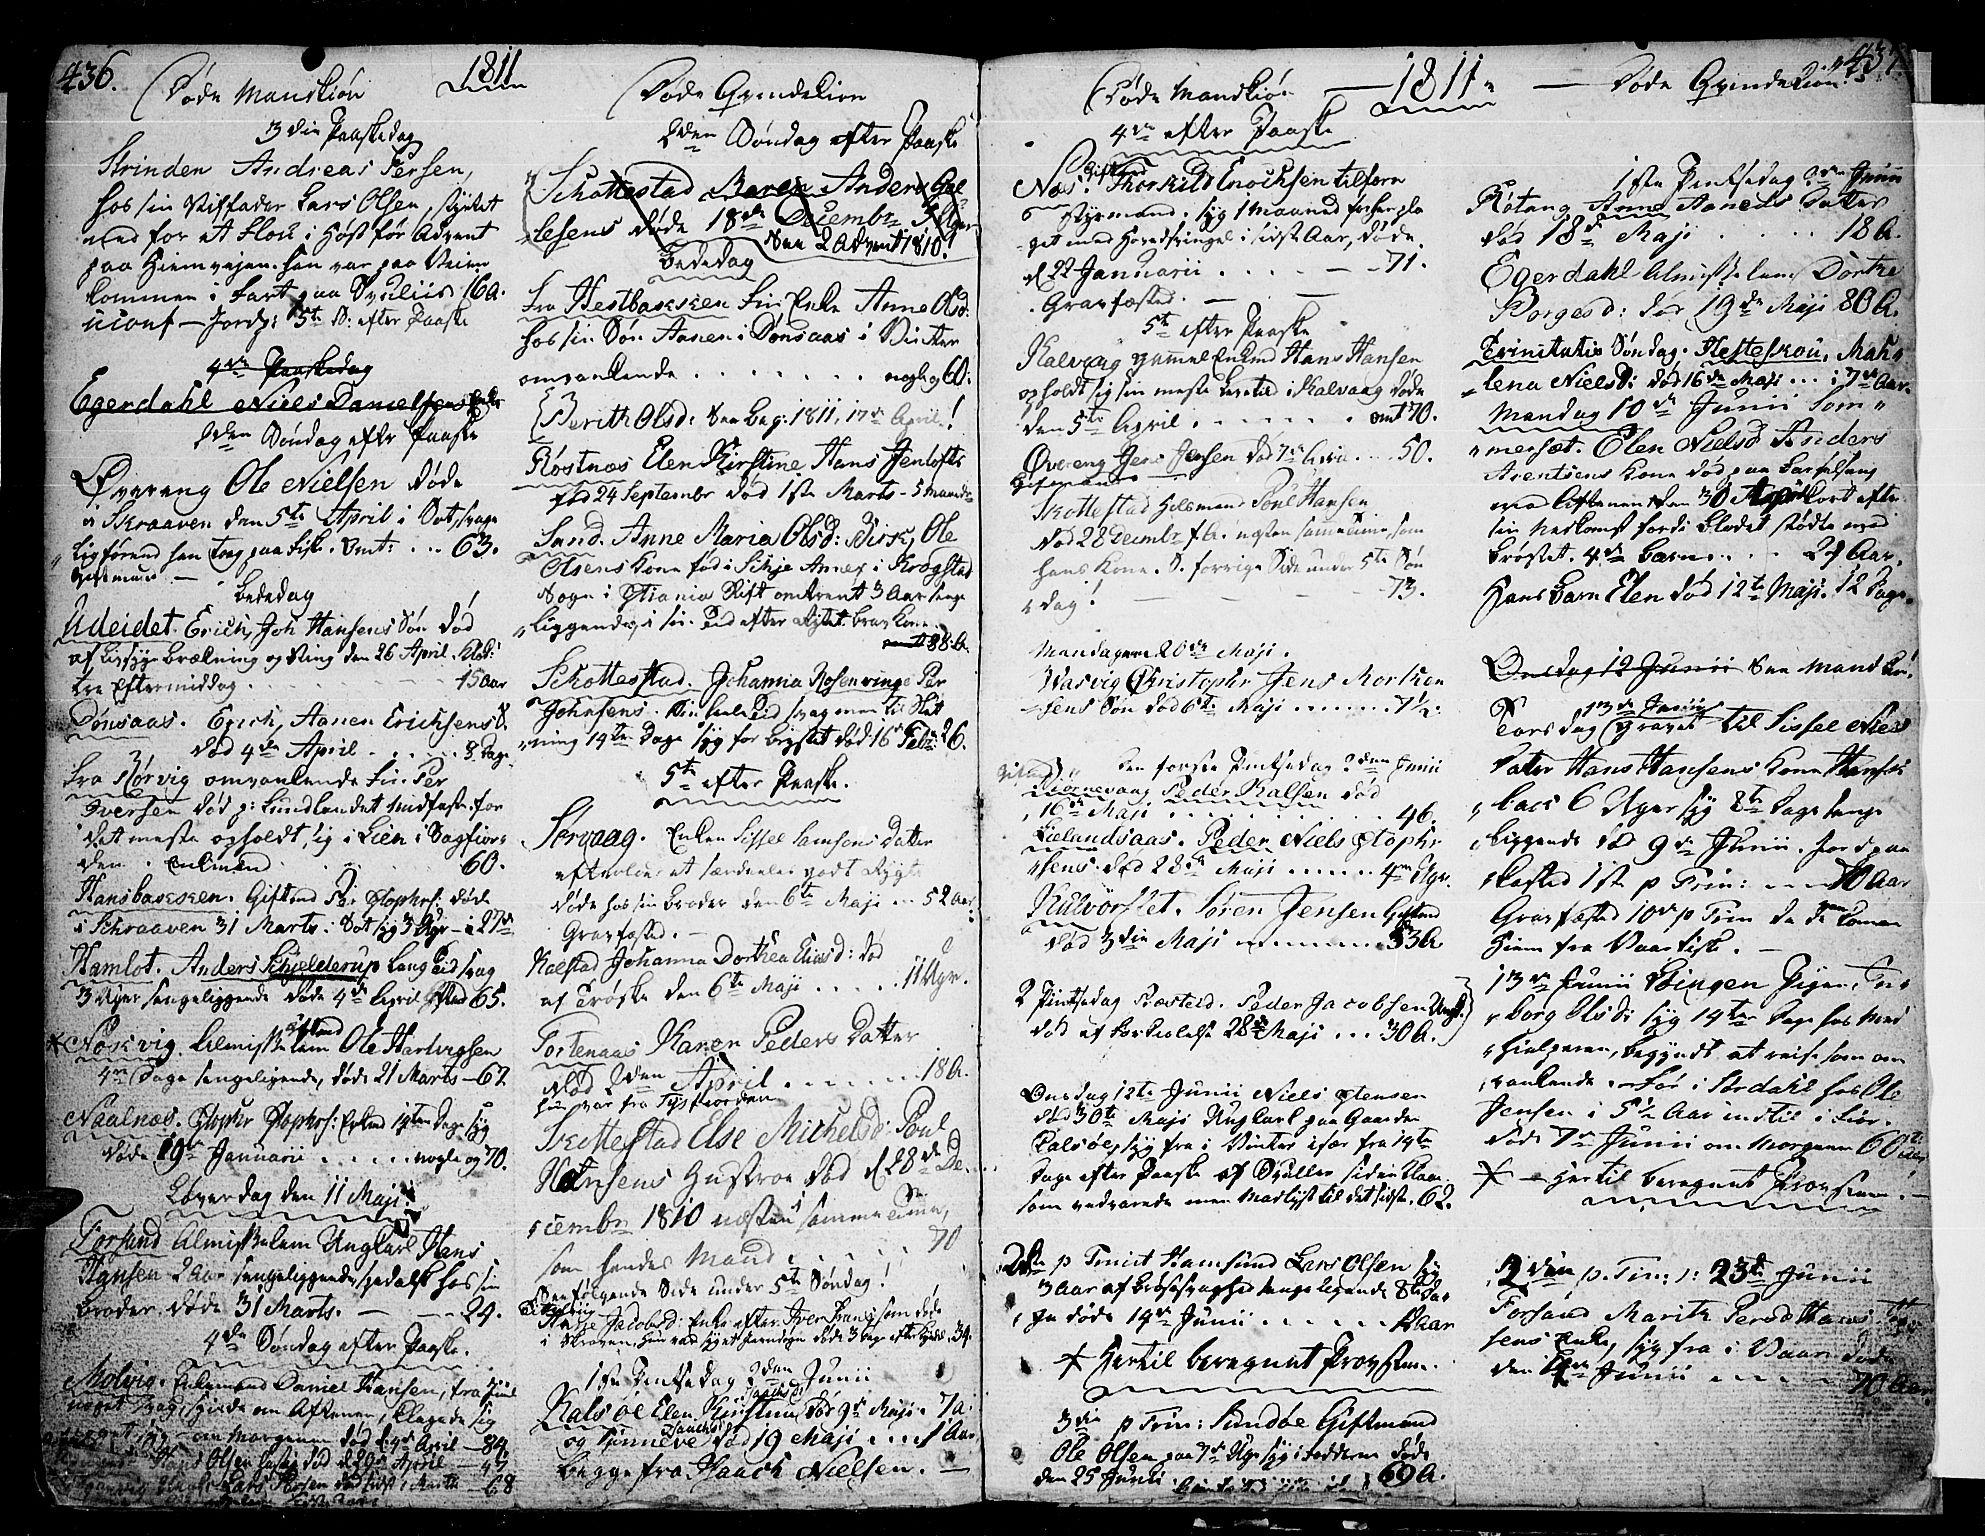 SAT, Ministerialprotokoller, klokkerbøker og fødselsregistre - Nordland, 859/L0841: Parish register (official) no. 859A01, 1766-1821, p. 436-437